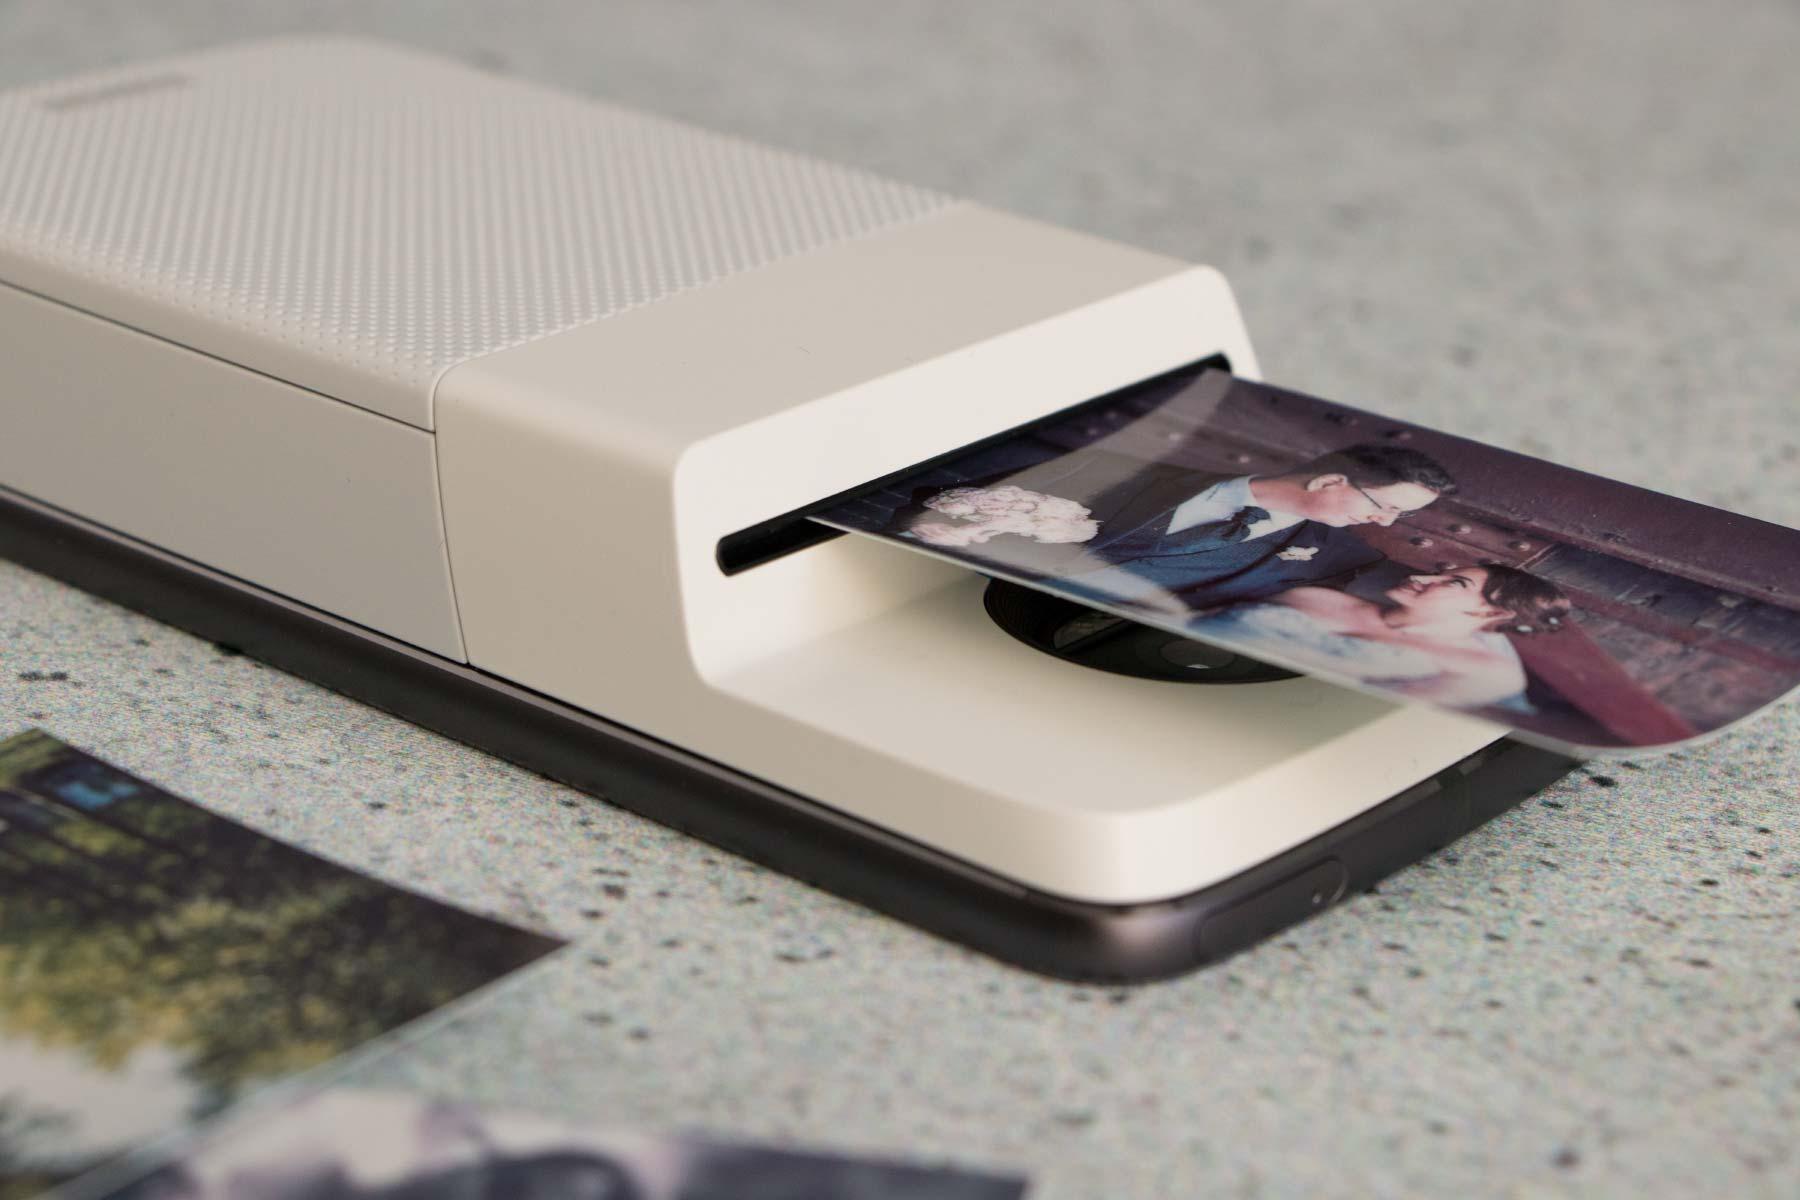 moto z2 play und Polaroid Insta-Share Printer Erfahrungsbericht